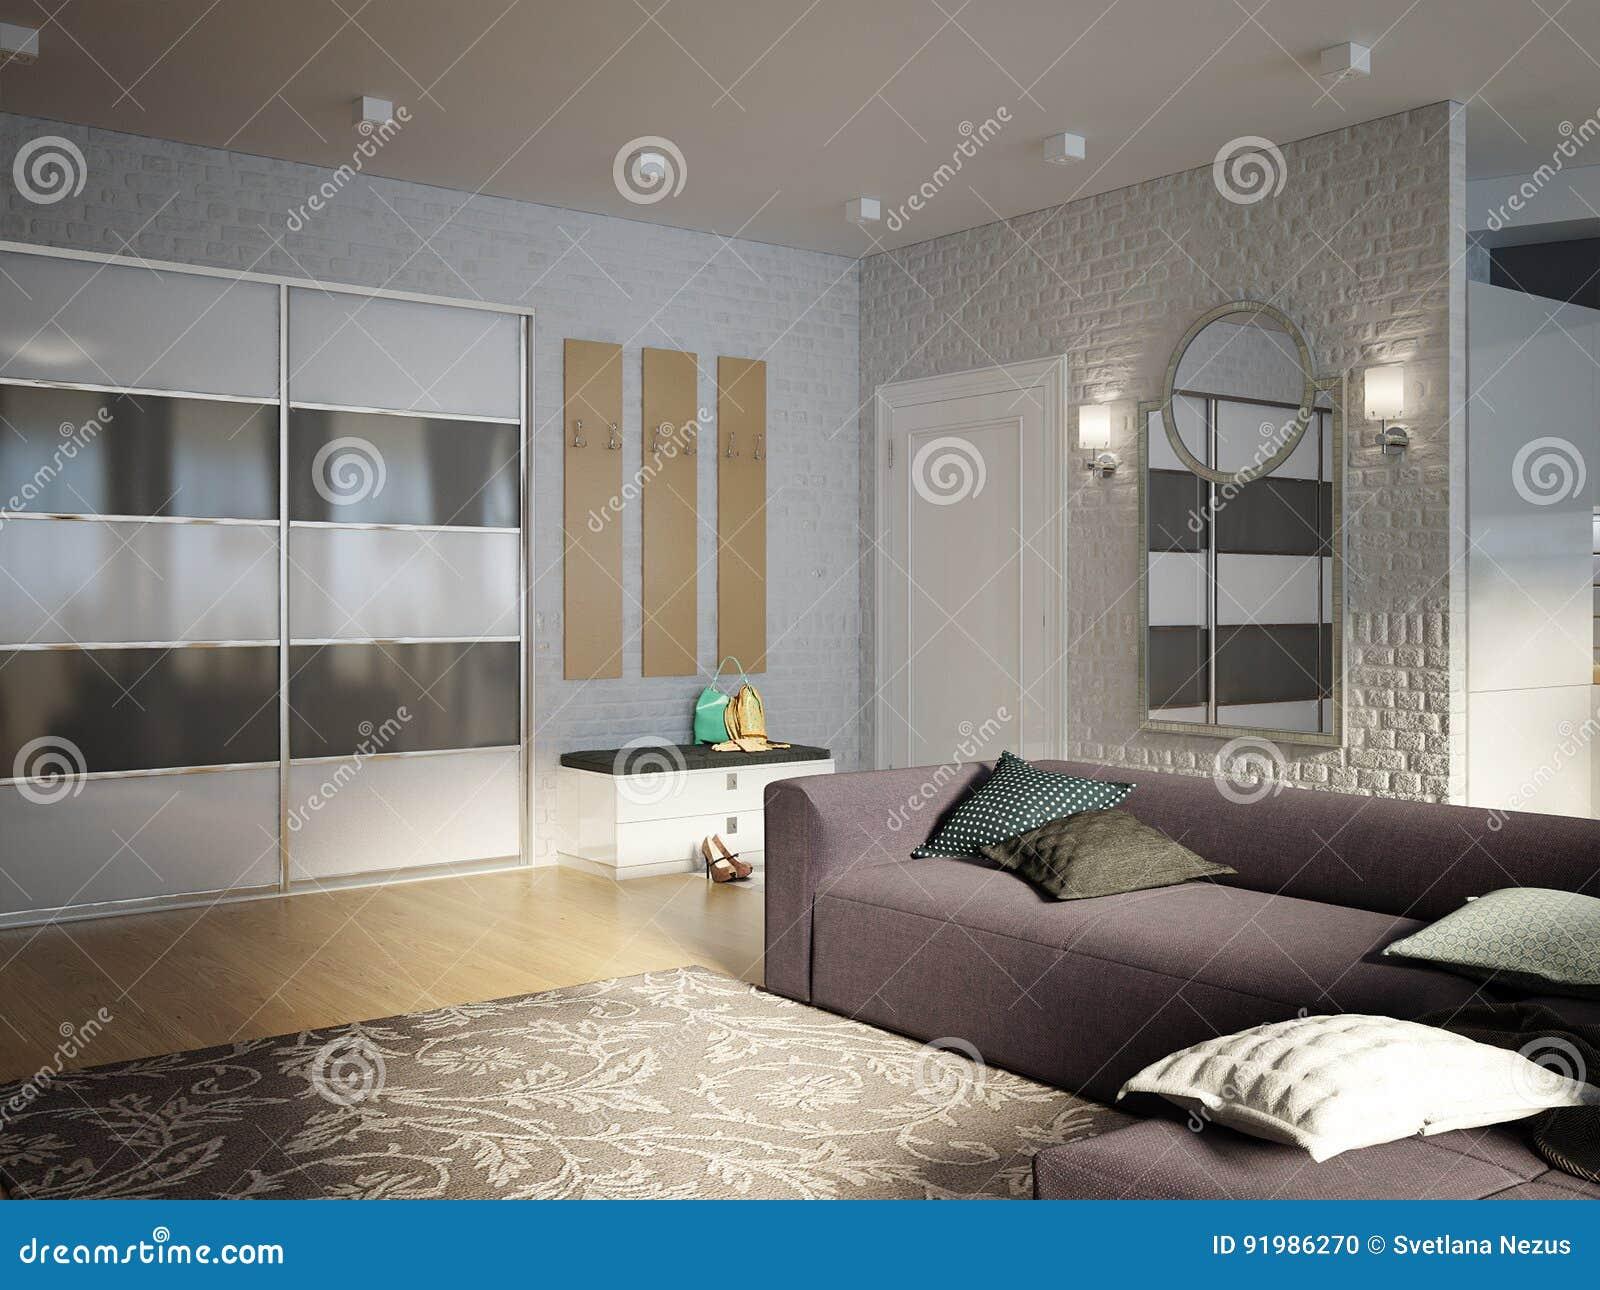 Offenes Wohnzimmer Des Modernen Stadtischen Zeitgenossischen Studios Esszimmer Stock Abbildung Illustration Von Studios Zeitgenossischen 91986270